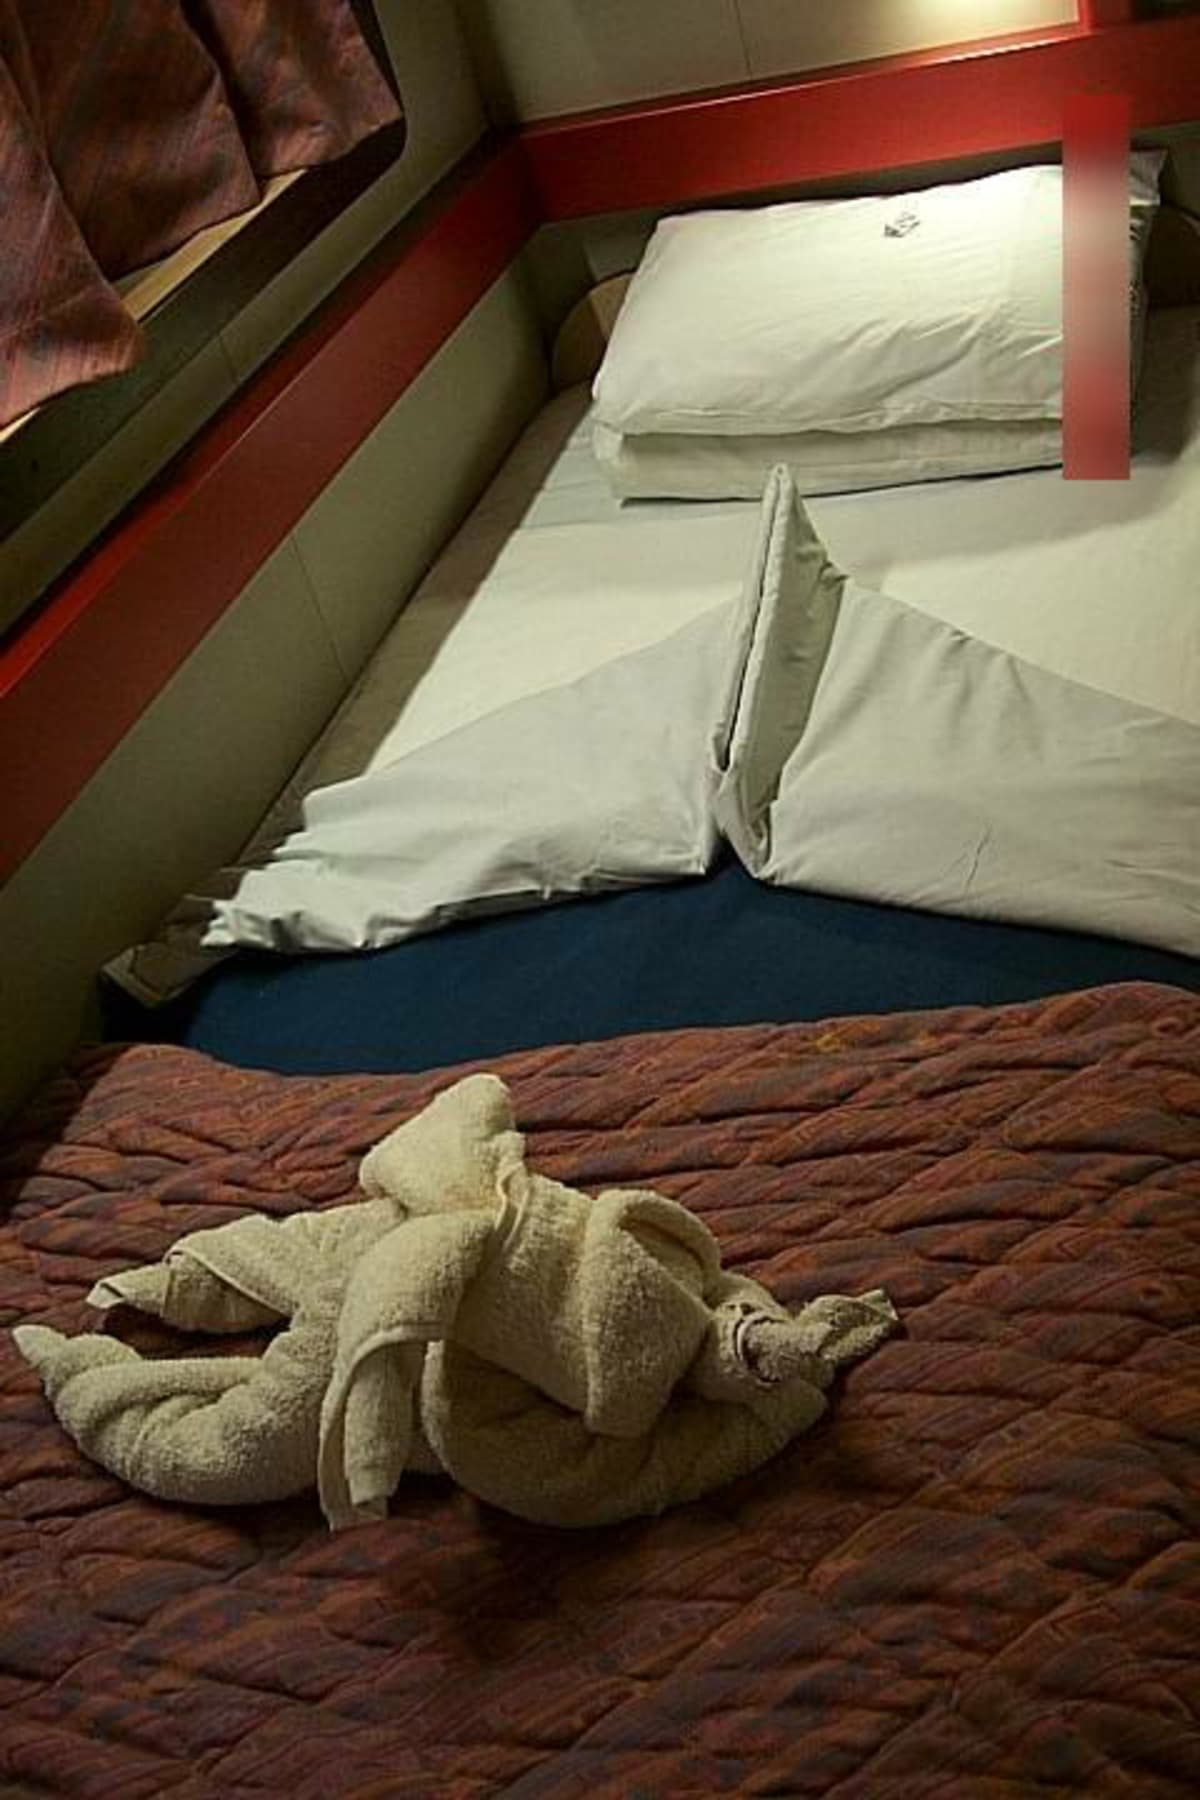 初めて見た時、超嬉しかったです。 | 客船カーニバル・エクスタシーの客室